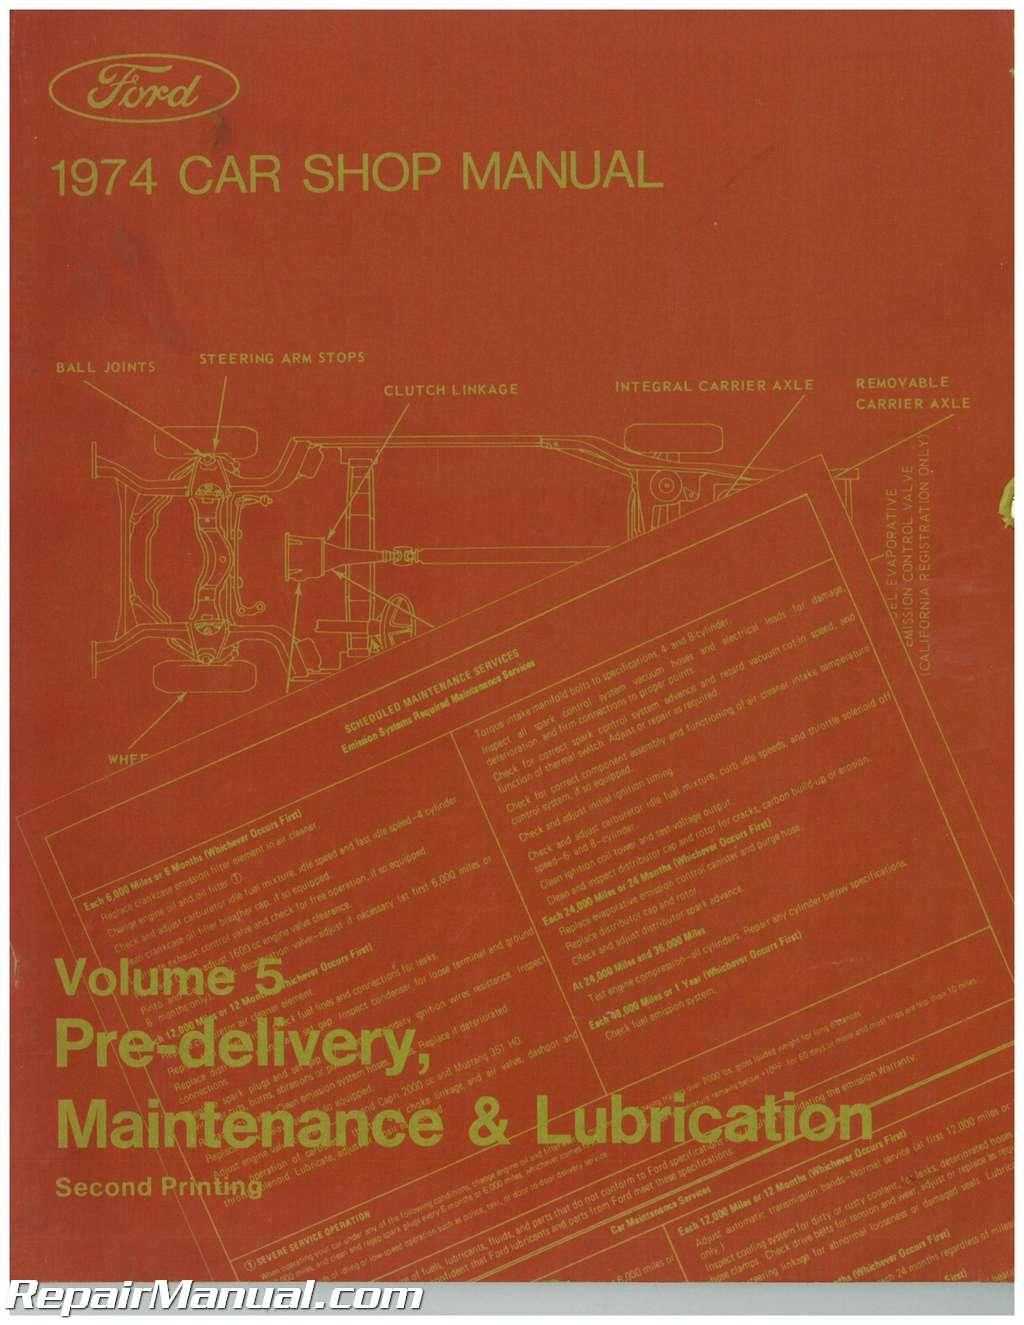 used 1974 ford car shop manual volume 5 pre delivery maintenance rh ebay com used shop mannequin for sale yeovil uk used shop mannequins